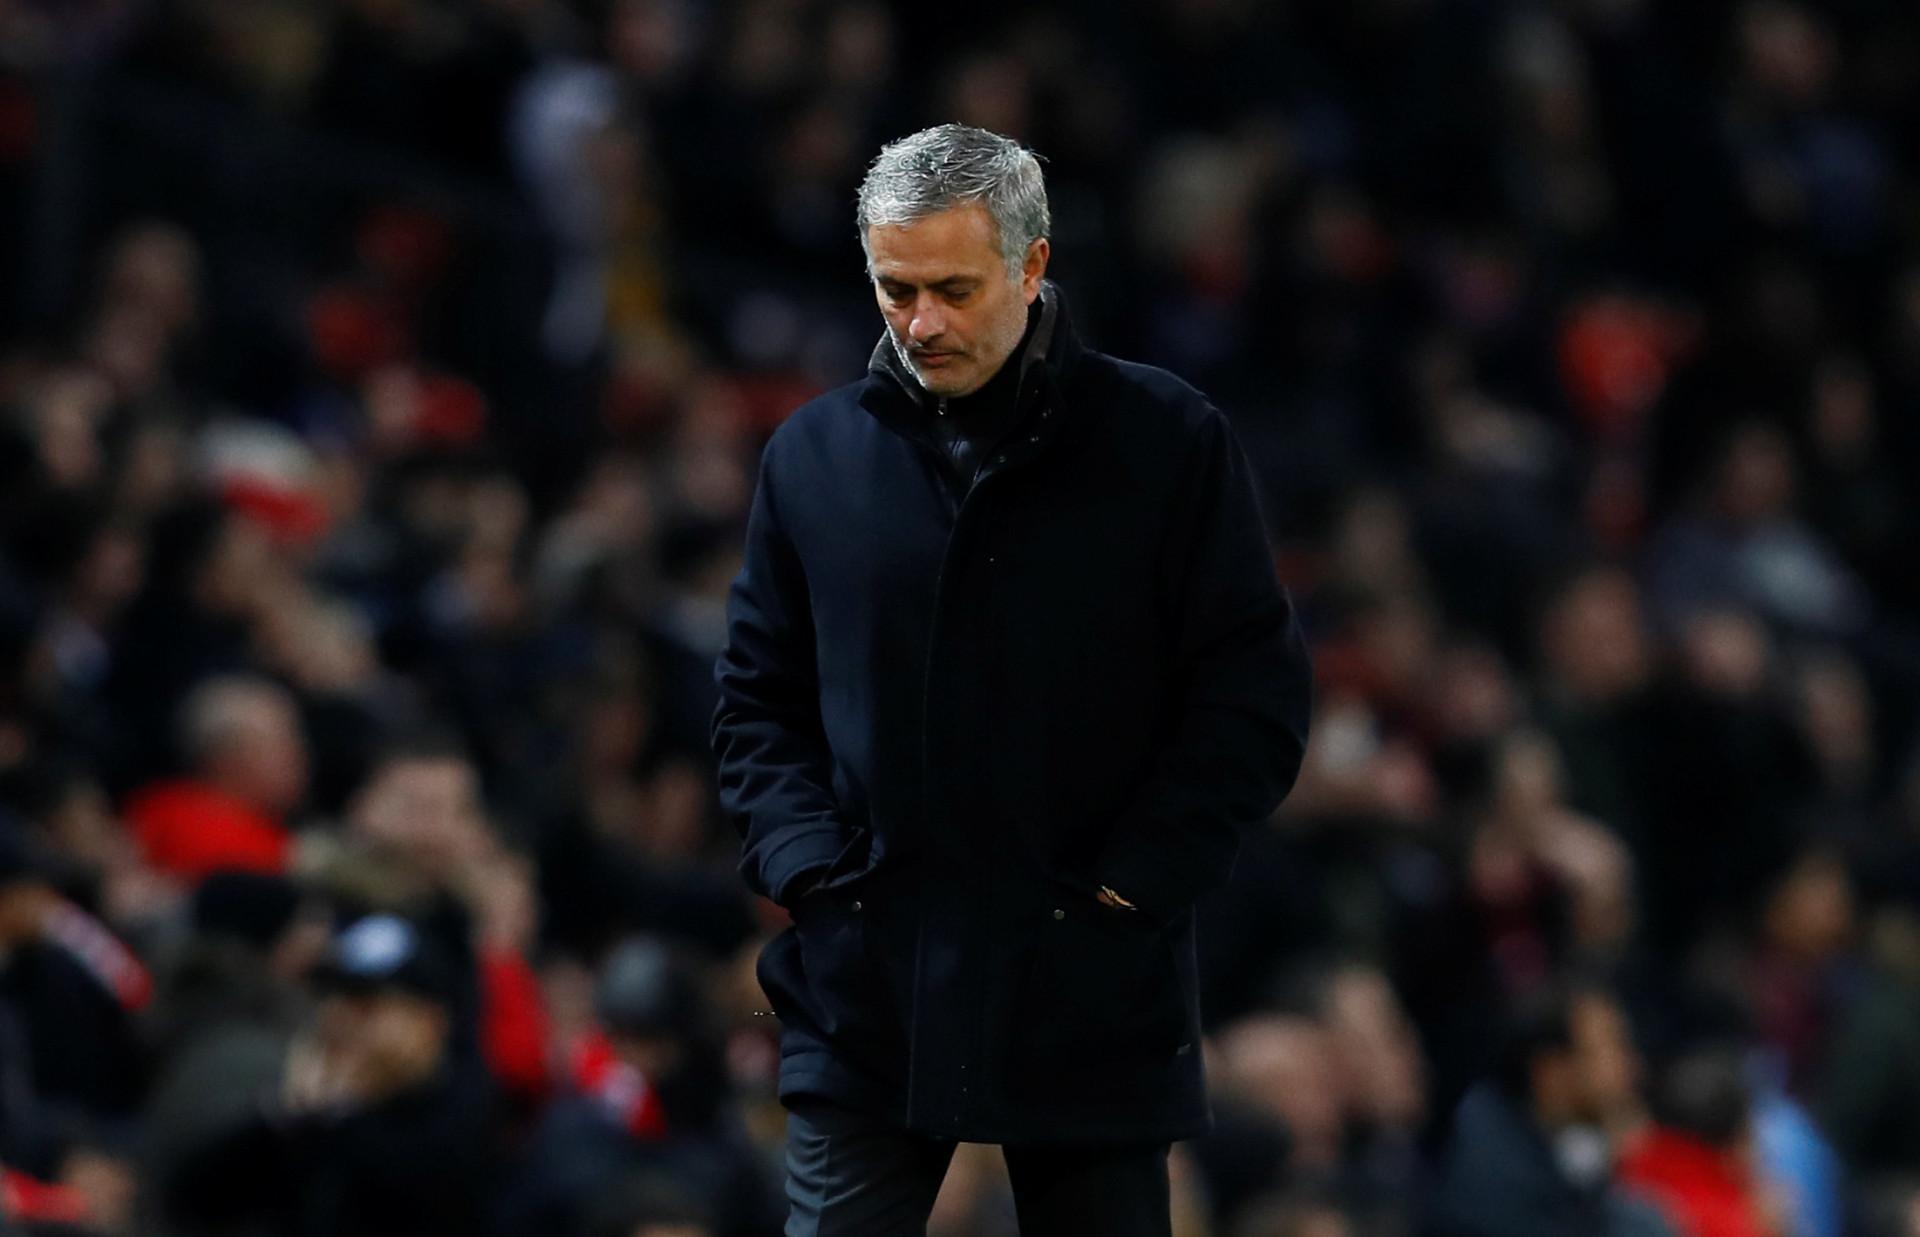 Imprensa internacional: O tombo de Mourinho em destaque após o 'Big Ben'